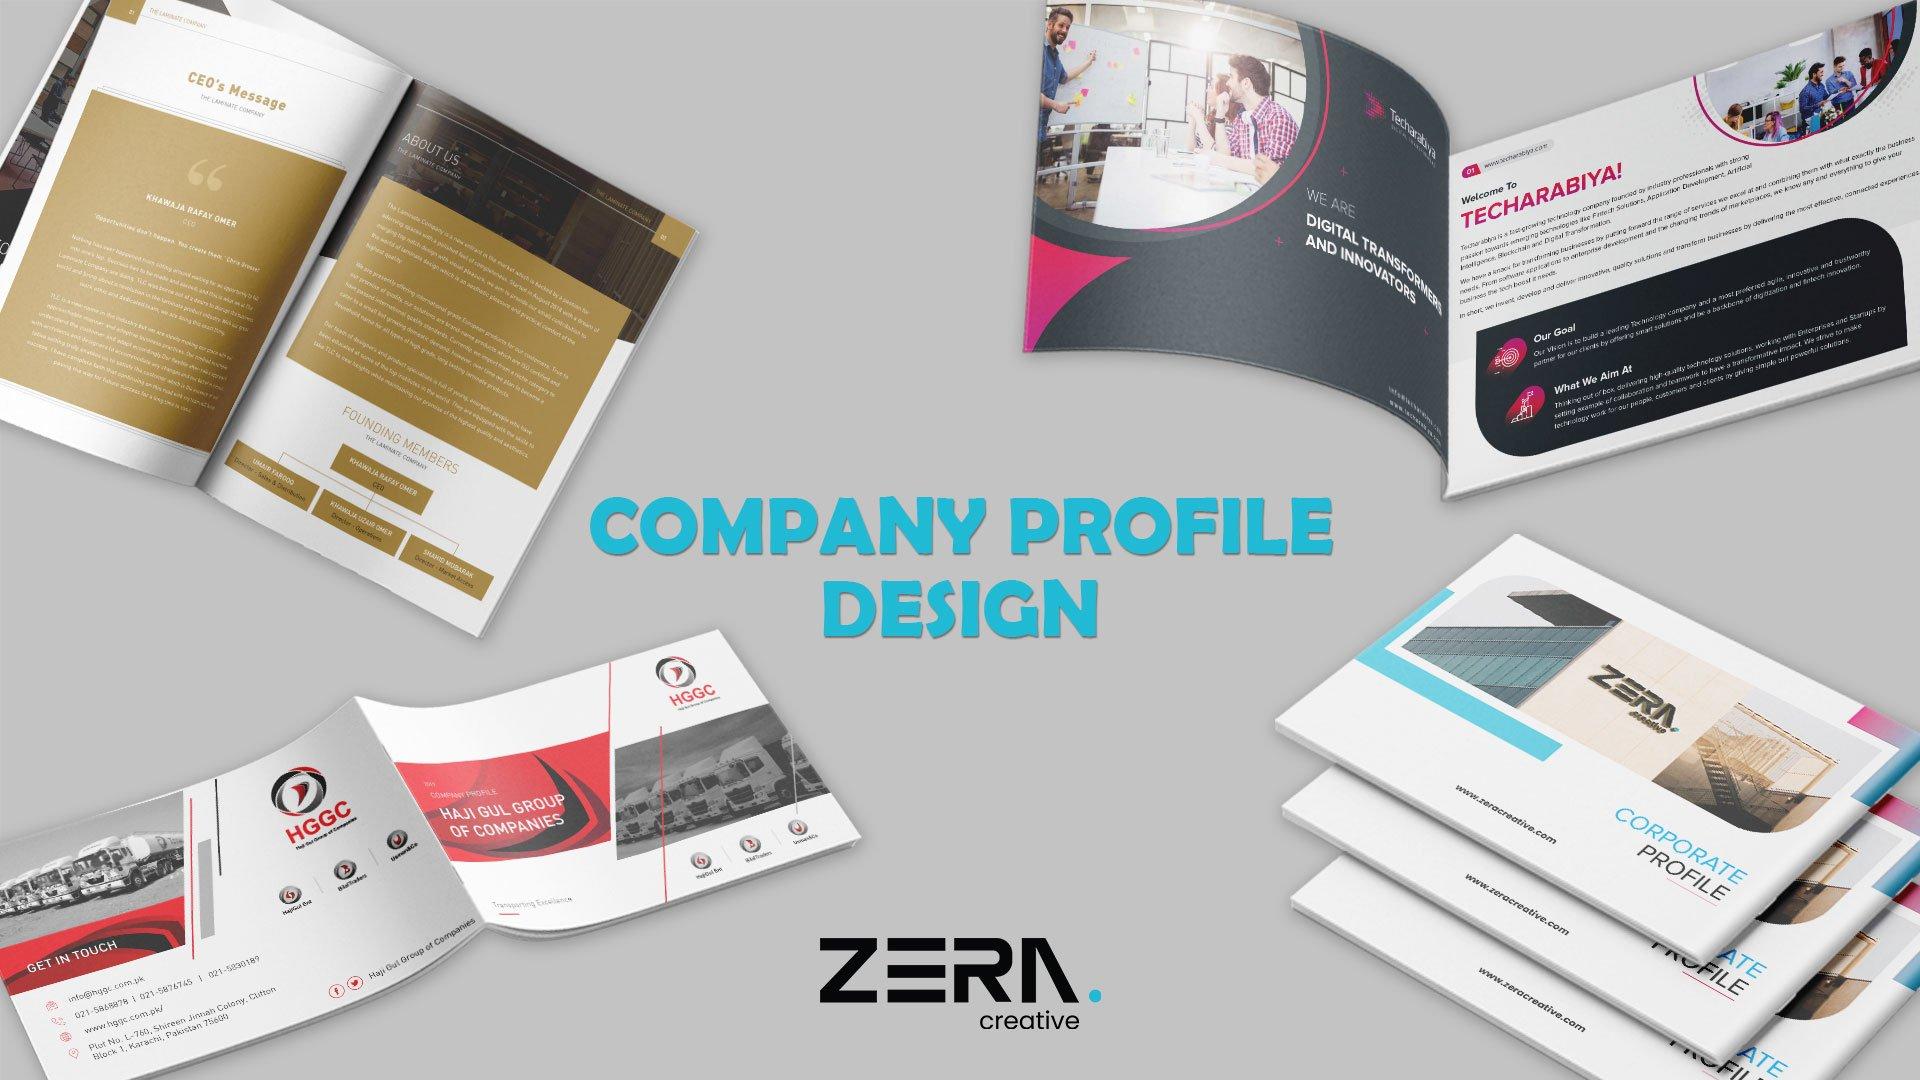 Company Profile Design Service and Portfolio